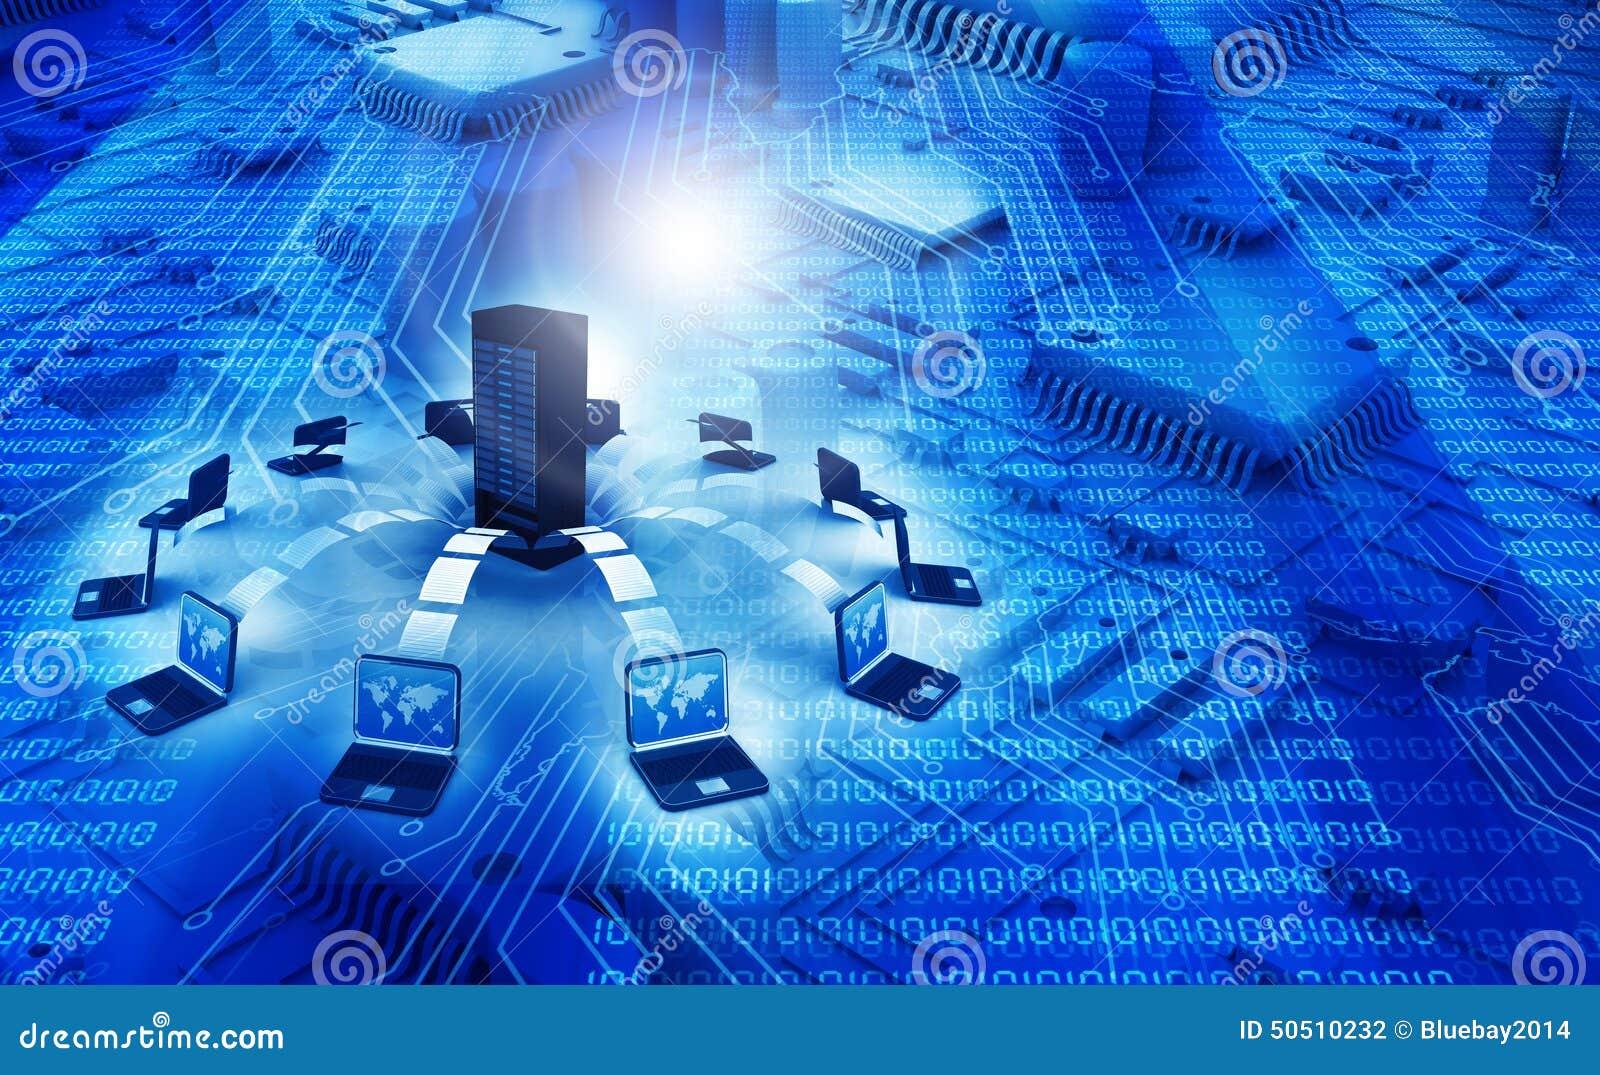 För informationsteknikrengöringsduk om begrepp bred värld